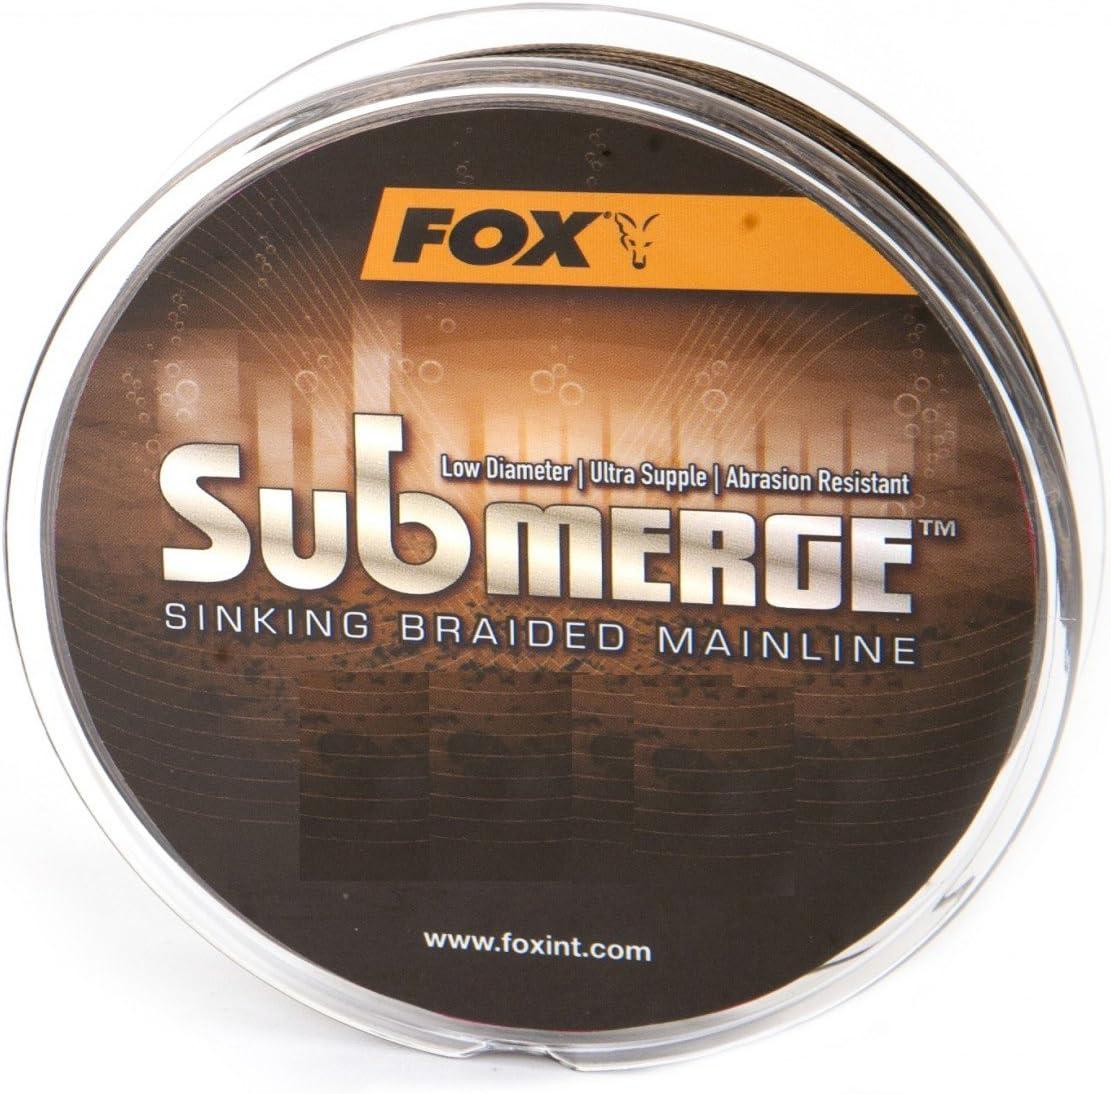 Fox Submerge sinking Braided Mainline geflochtene Karpfenschnur 300m Durchmesser:0.30mm